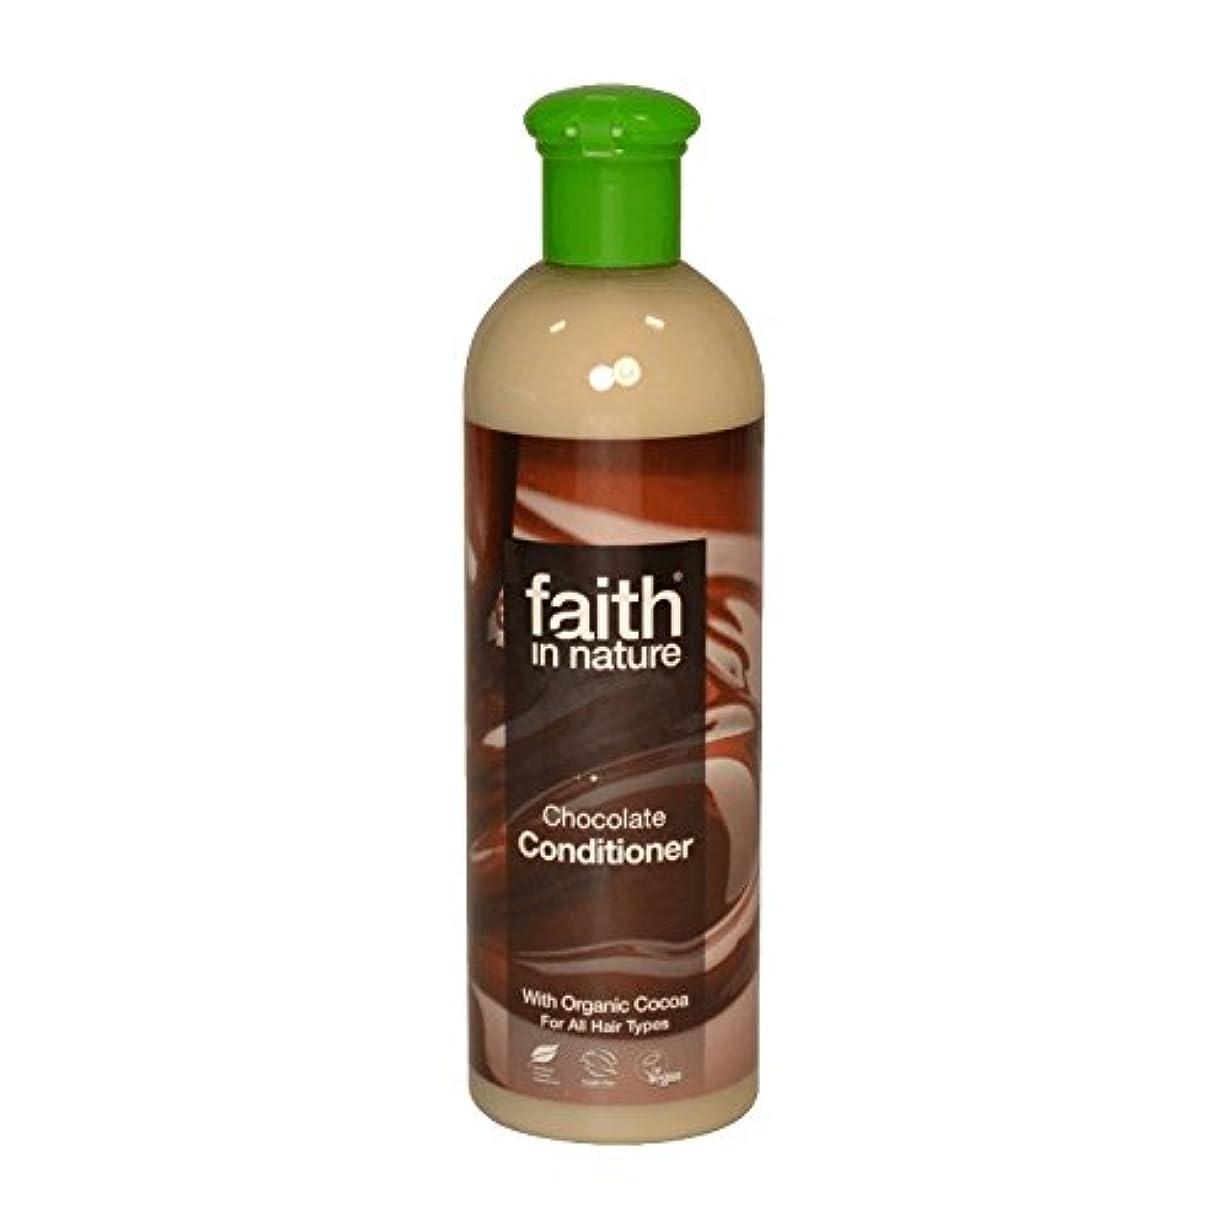 全能ロードされたオペレーター自然チョコレートコンディショナー400ミリリットルの信仰 - Faith In Nature Chocolate Conditioner 400ml (Faith in Nature) [並行輸入品]